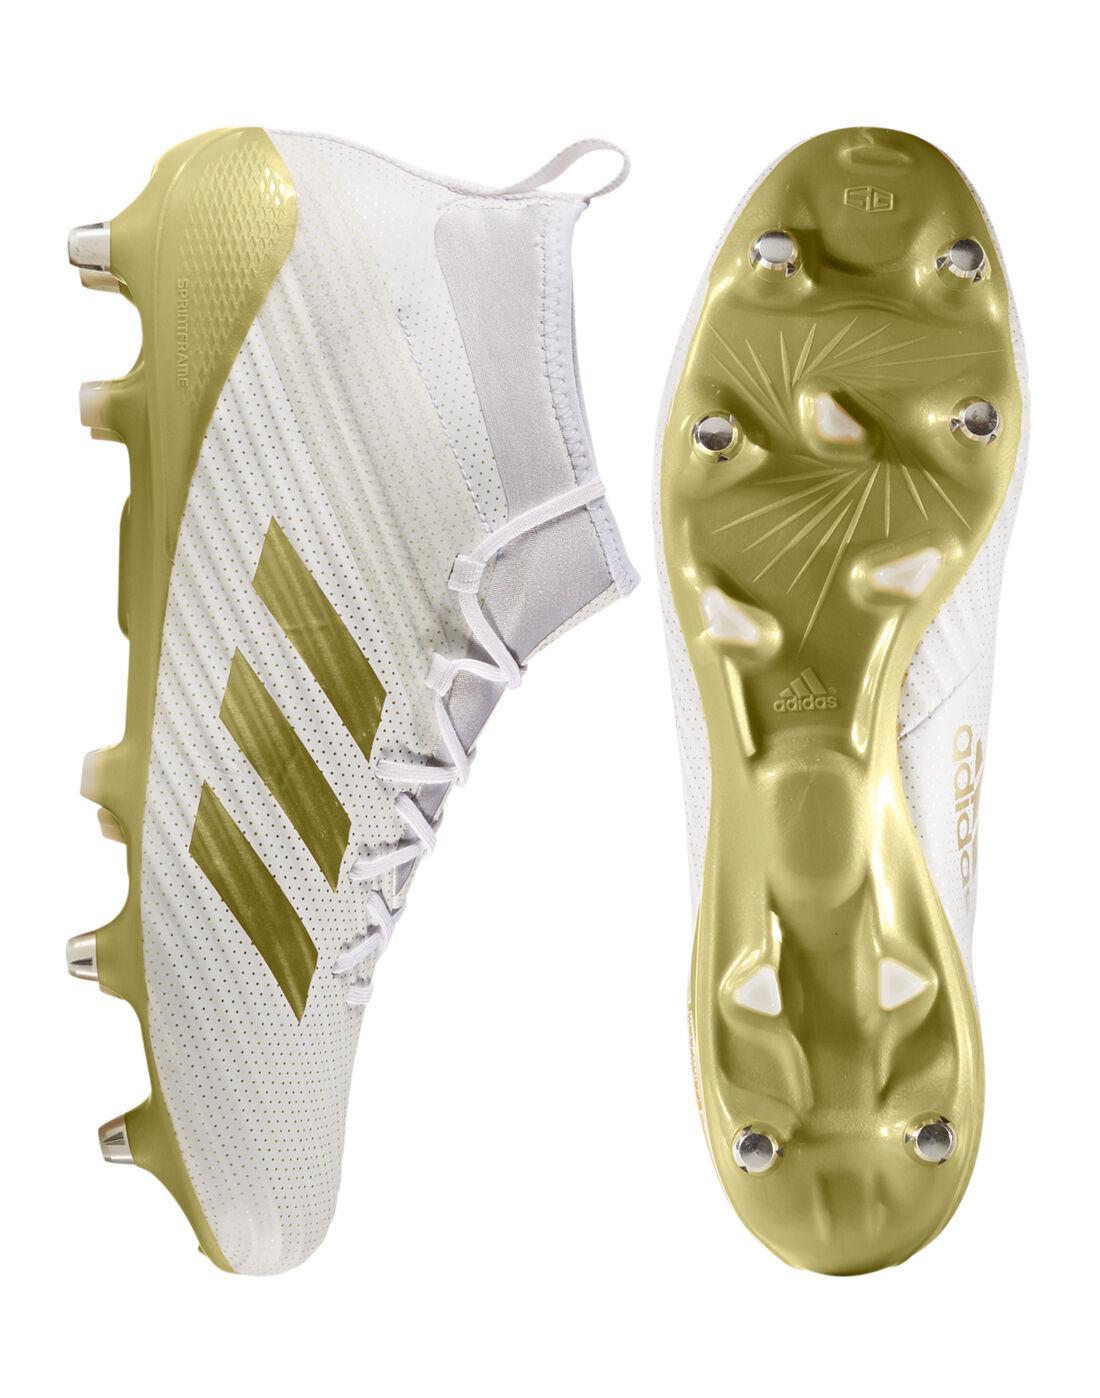 Adidas Uomo leoni predatore razzo sg dello stile di vita sportiva